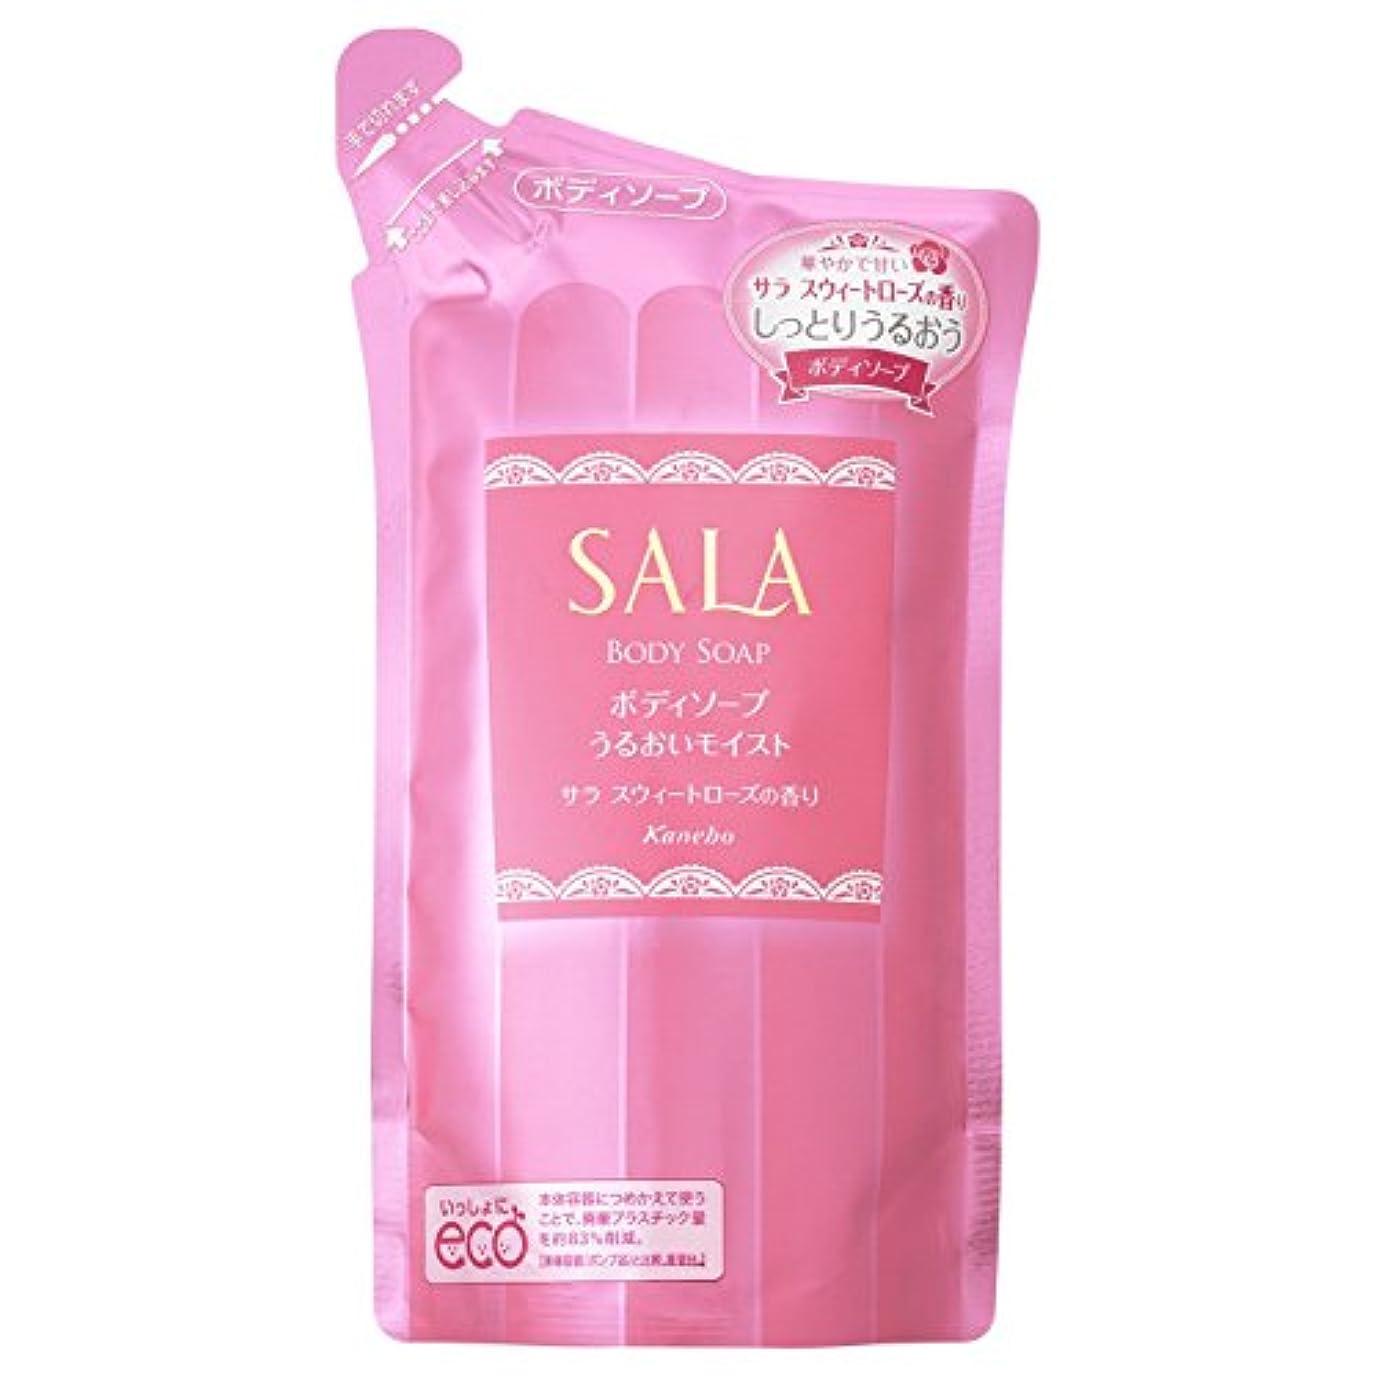 コロニアル管理するニンニクサラ ボディソープ うるおいモイスト つめかえ用 サラスウィートローズの香り